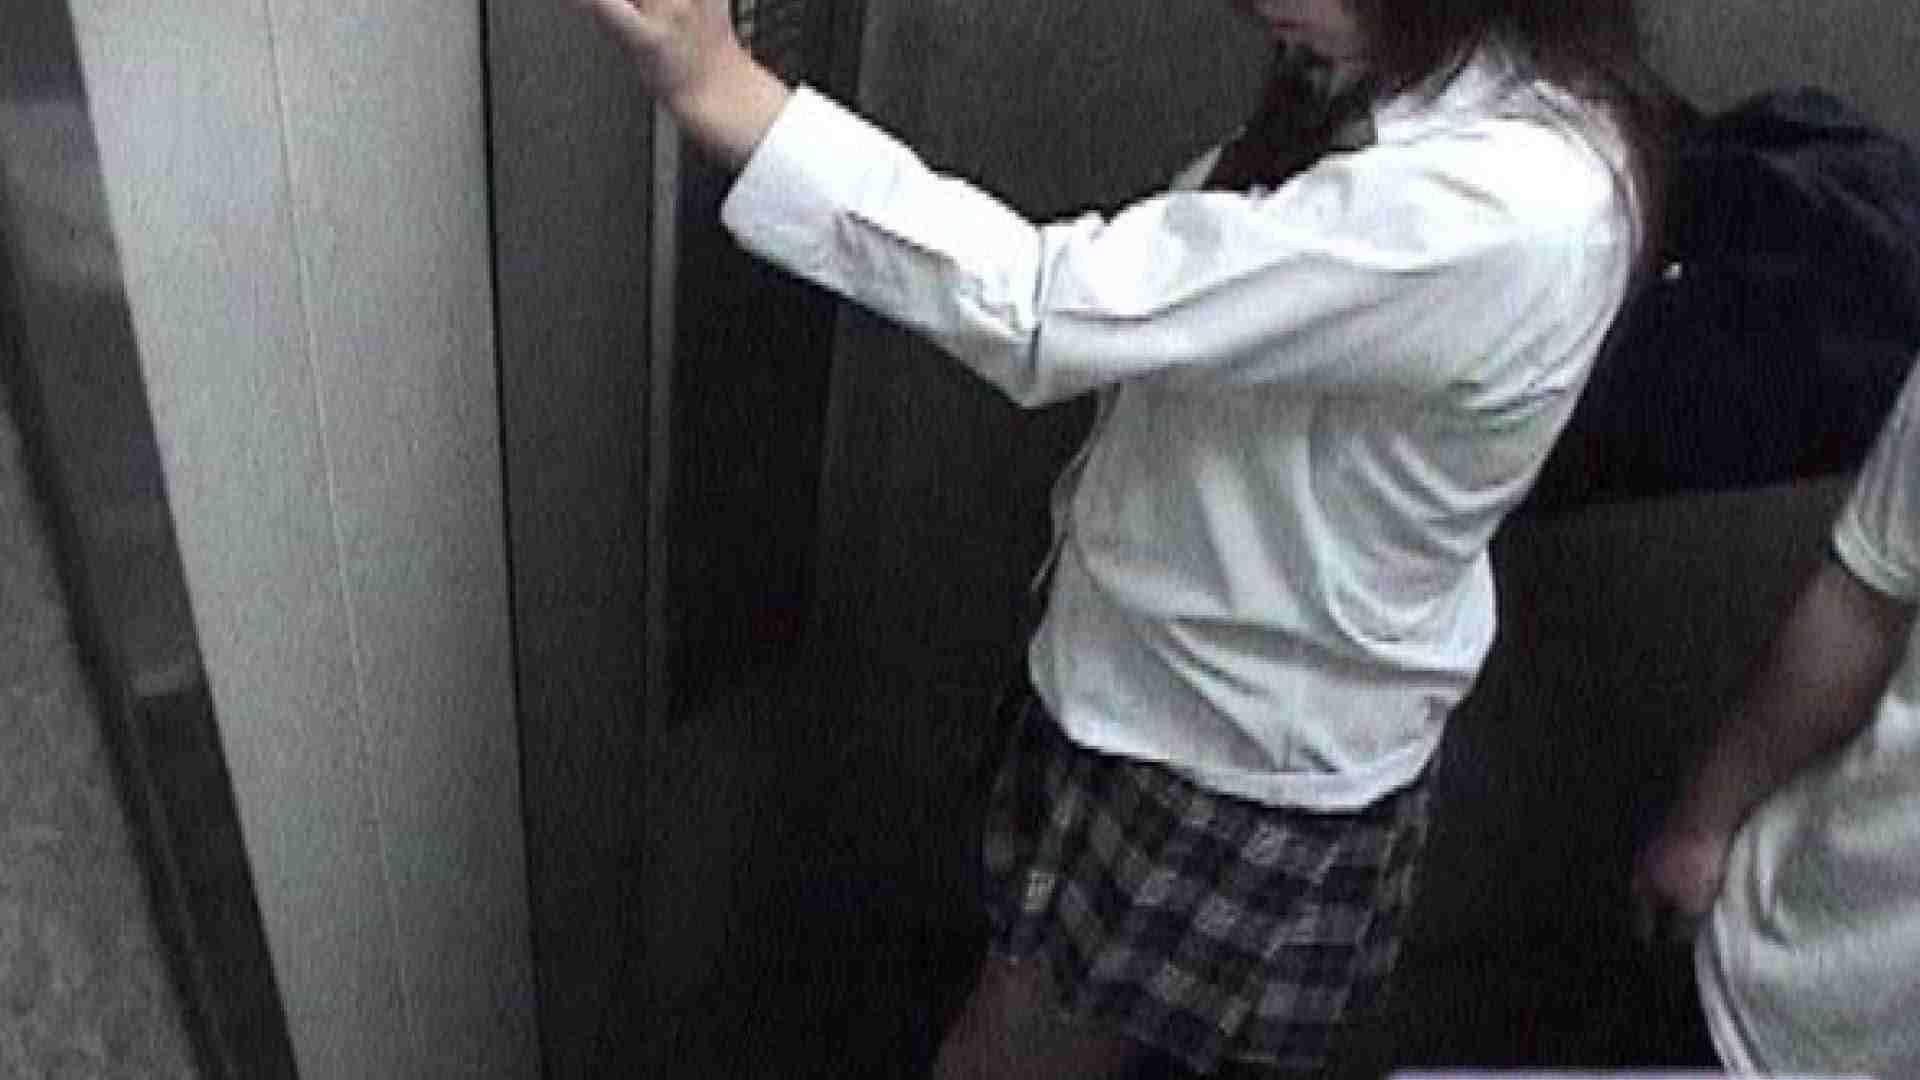 密室盗撮 vol.07 お尻   盗撮  75画像 52